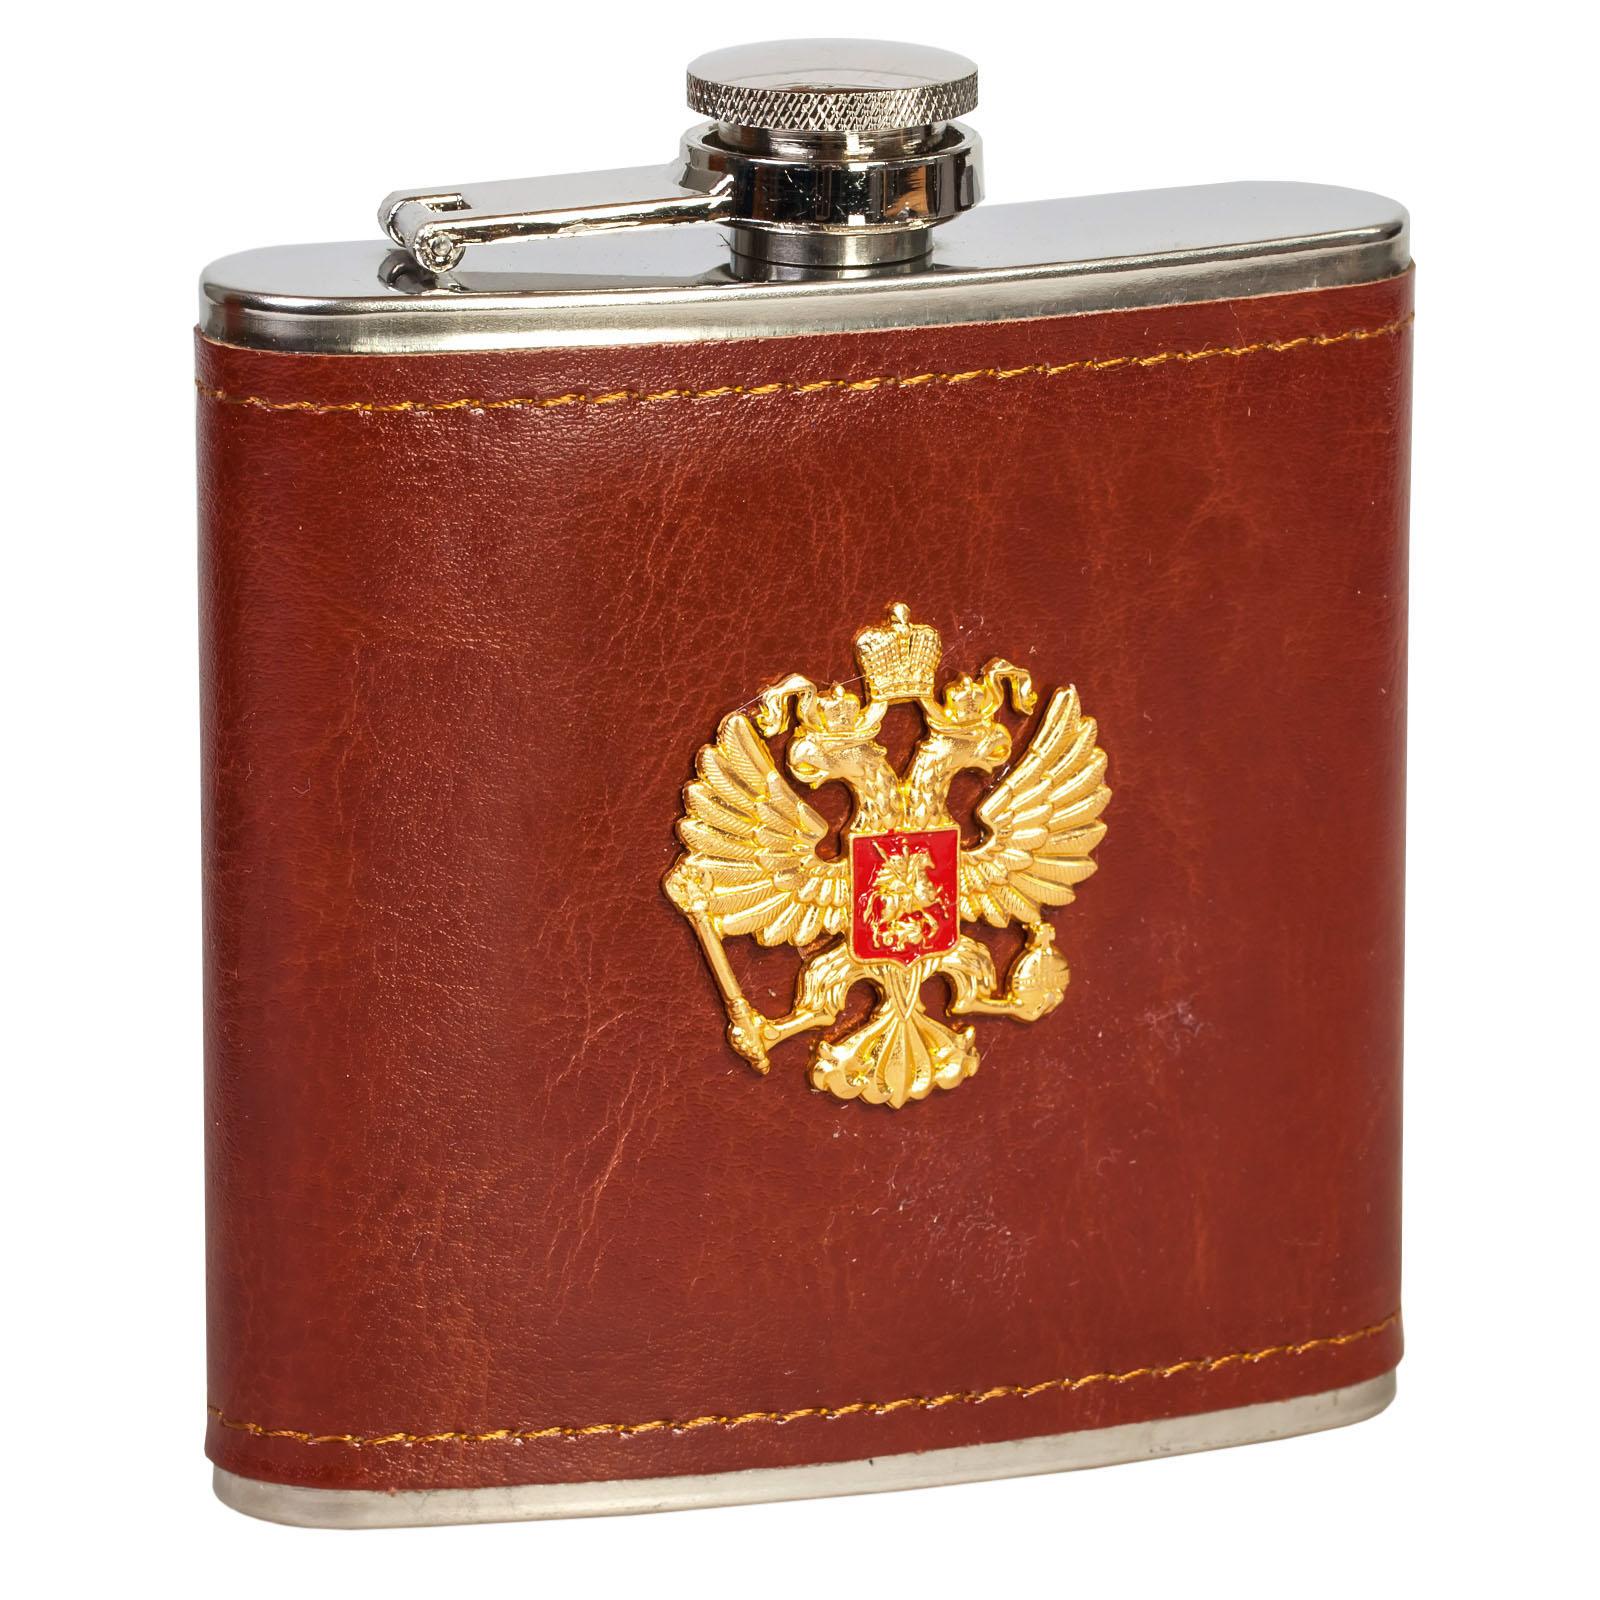 Купить фляжку в кожаном чехле с Гербом России